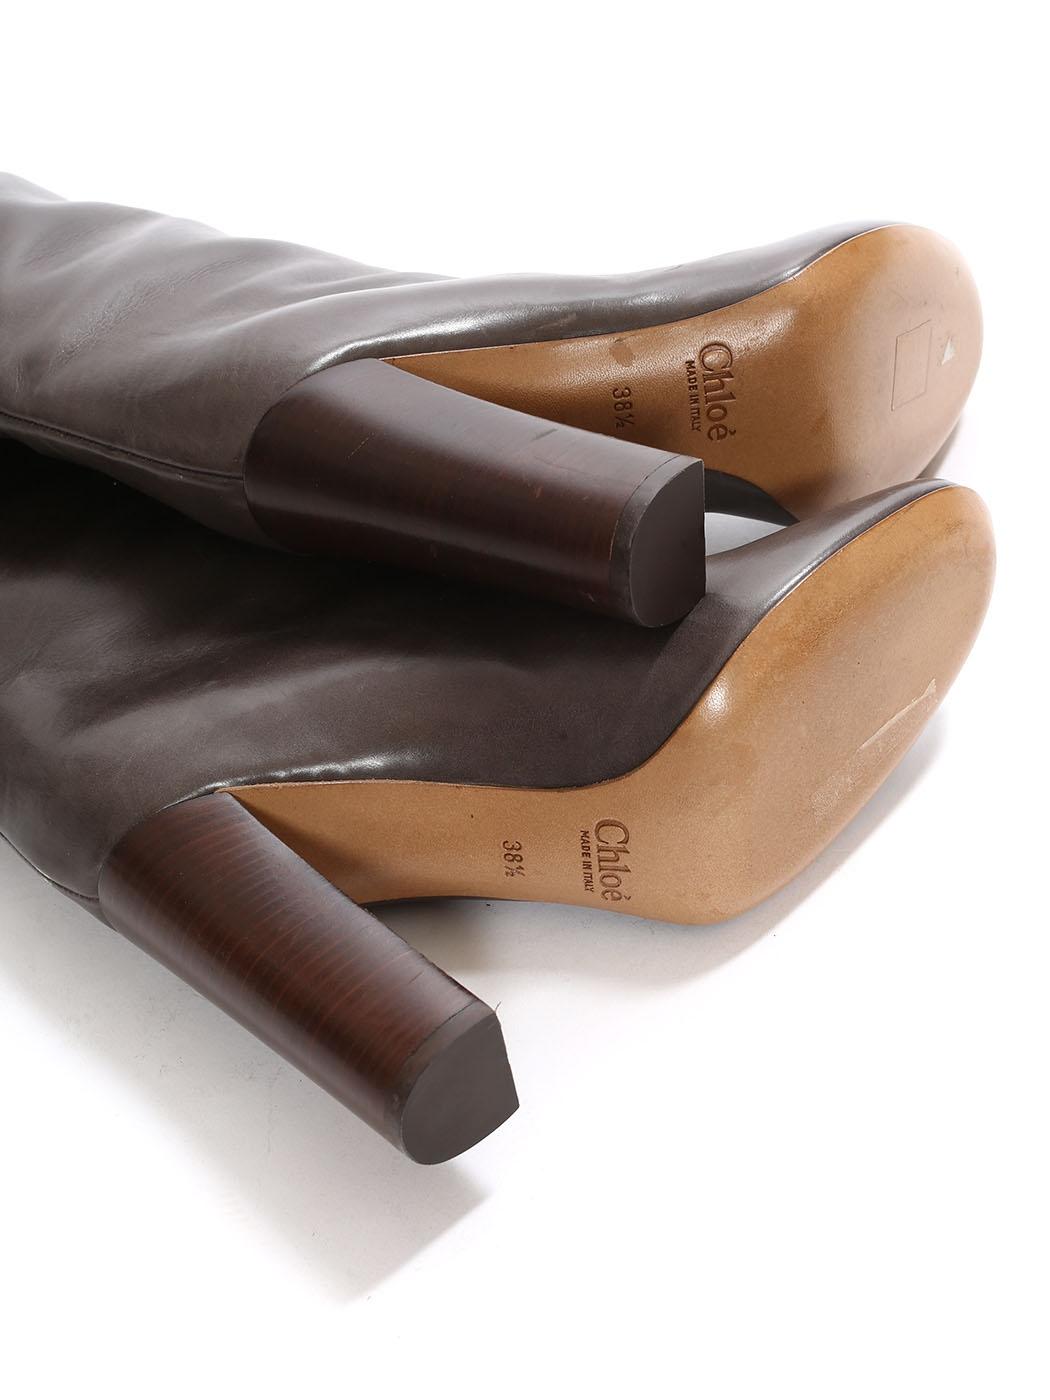 Chaussures femme talon cuir marron foncé taille 38